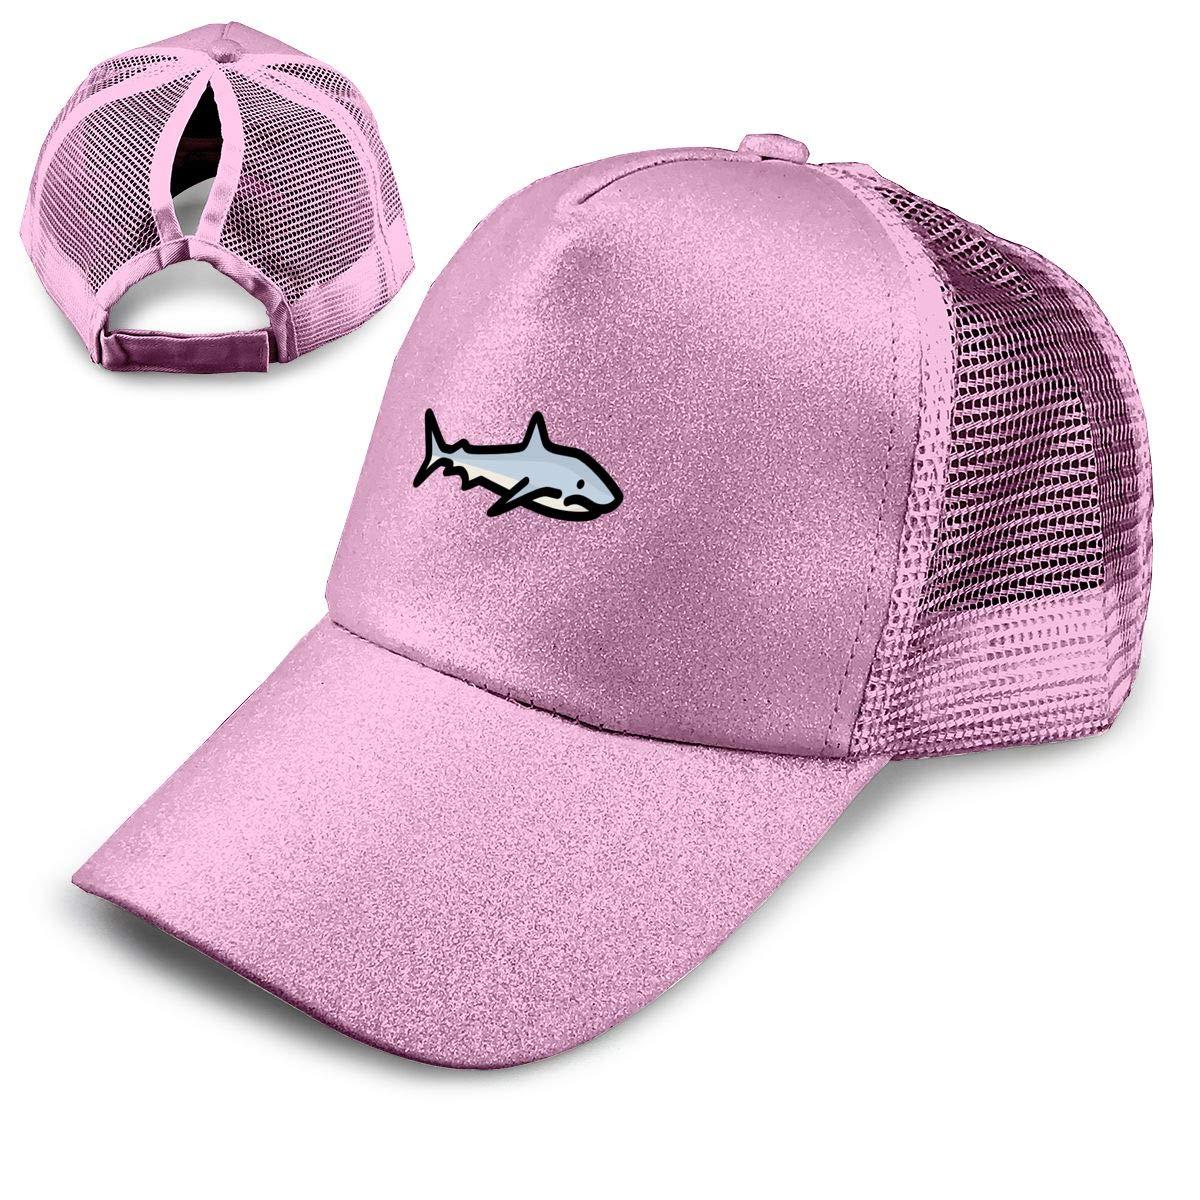 Shark Ponytail Hats for Women Messy Trucker Hat Plain Ponytail Baseball Visor Cap NewCap